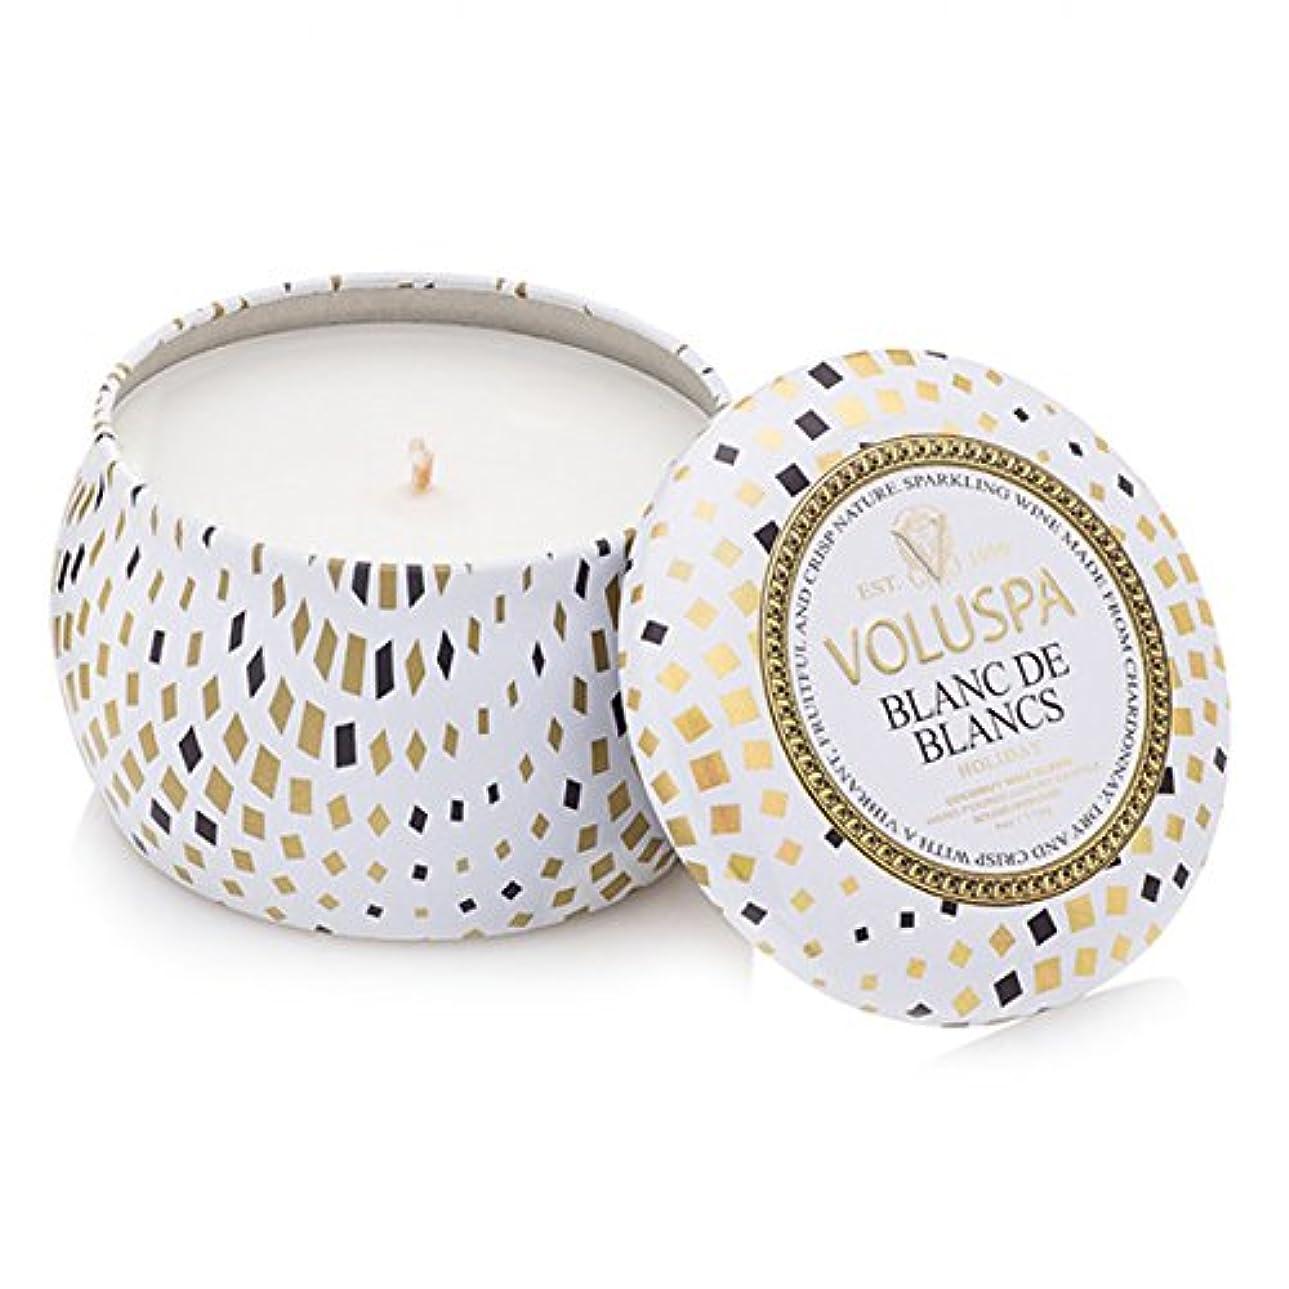 信条驚くべき遊び場Voluspa ボルスパ メゾンホリデー ティンキャンドル  S ブラン ド ブラン BLANC DE BLANCS MASION HOLIDAY PETITE Tin Glass Candle